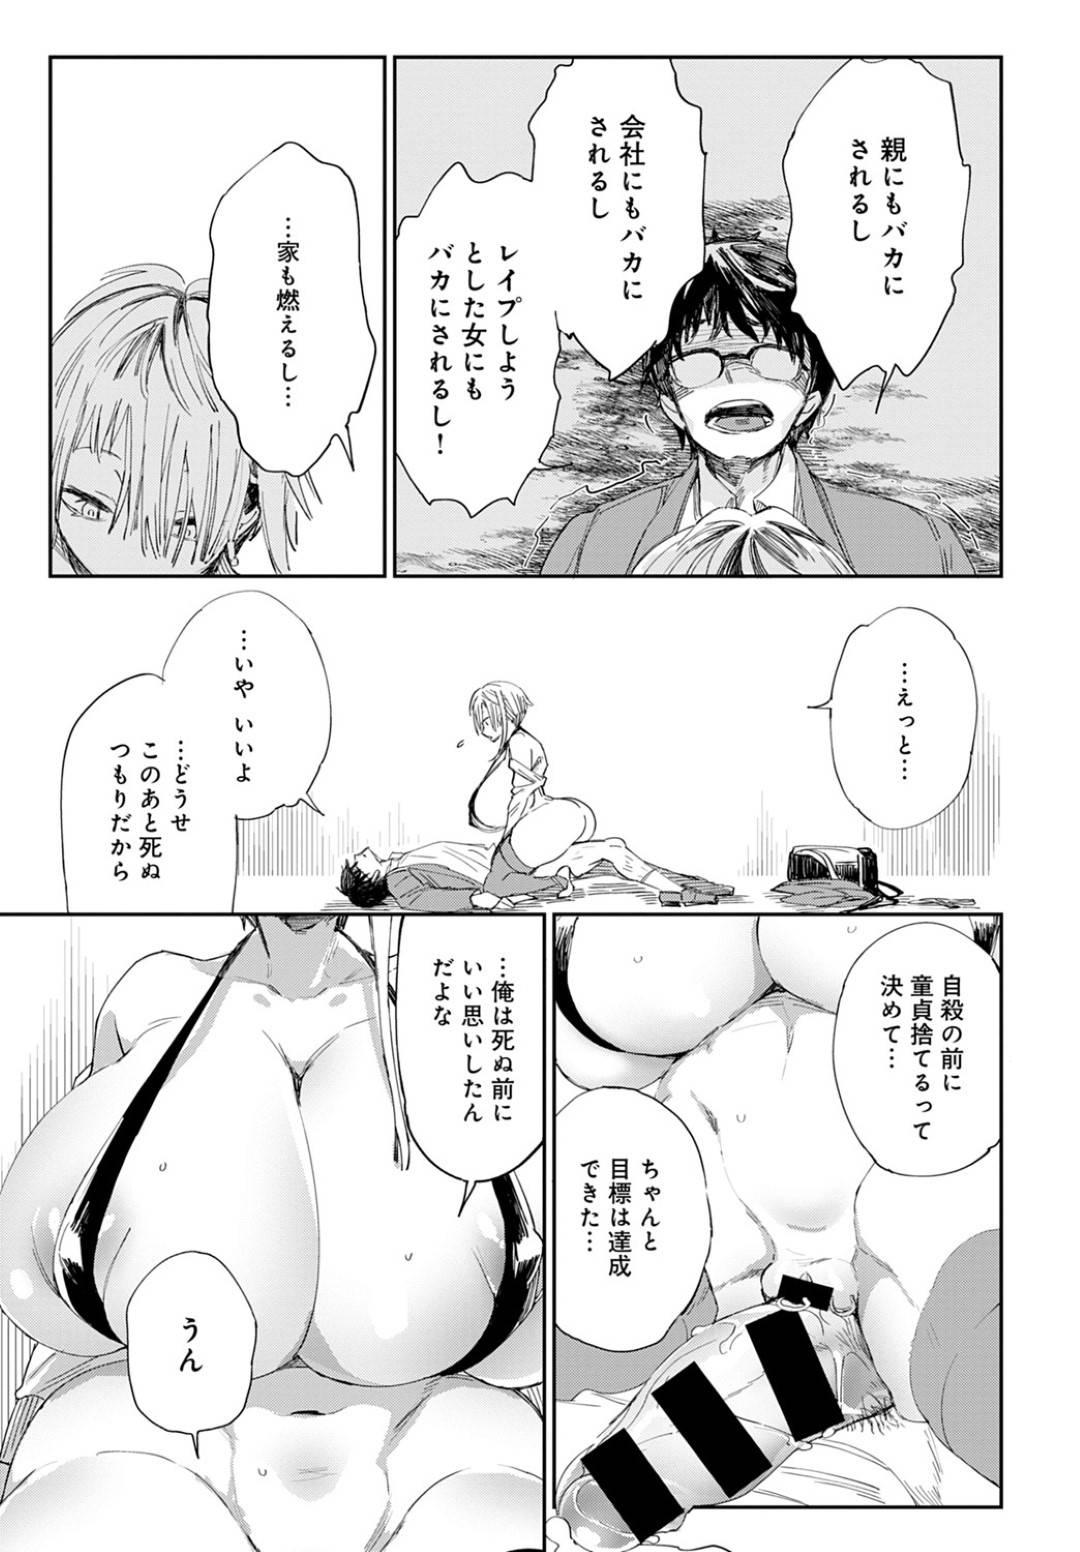 【エロ漫画】路頭に迷ったサラリーマンにレイプされそうになった爆乳ギャル…むしろそれを逆レイプし生ハメ騎乗位セックスで中出しされてイク!【あちゅむち:ギャルのオナペット】